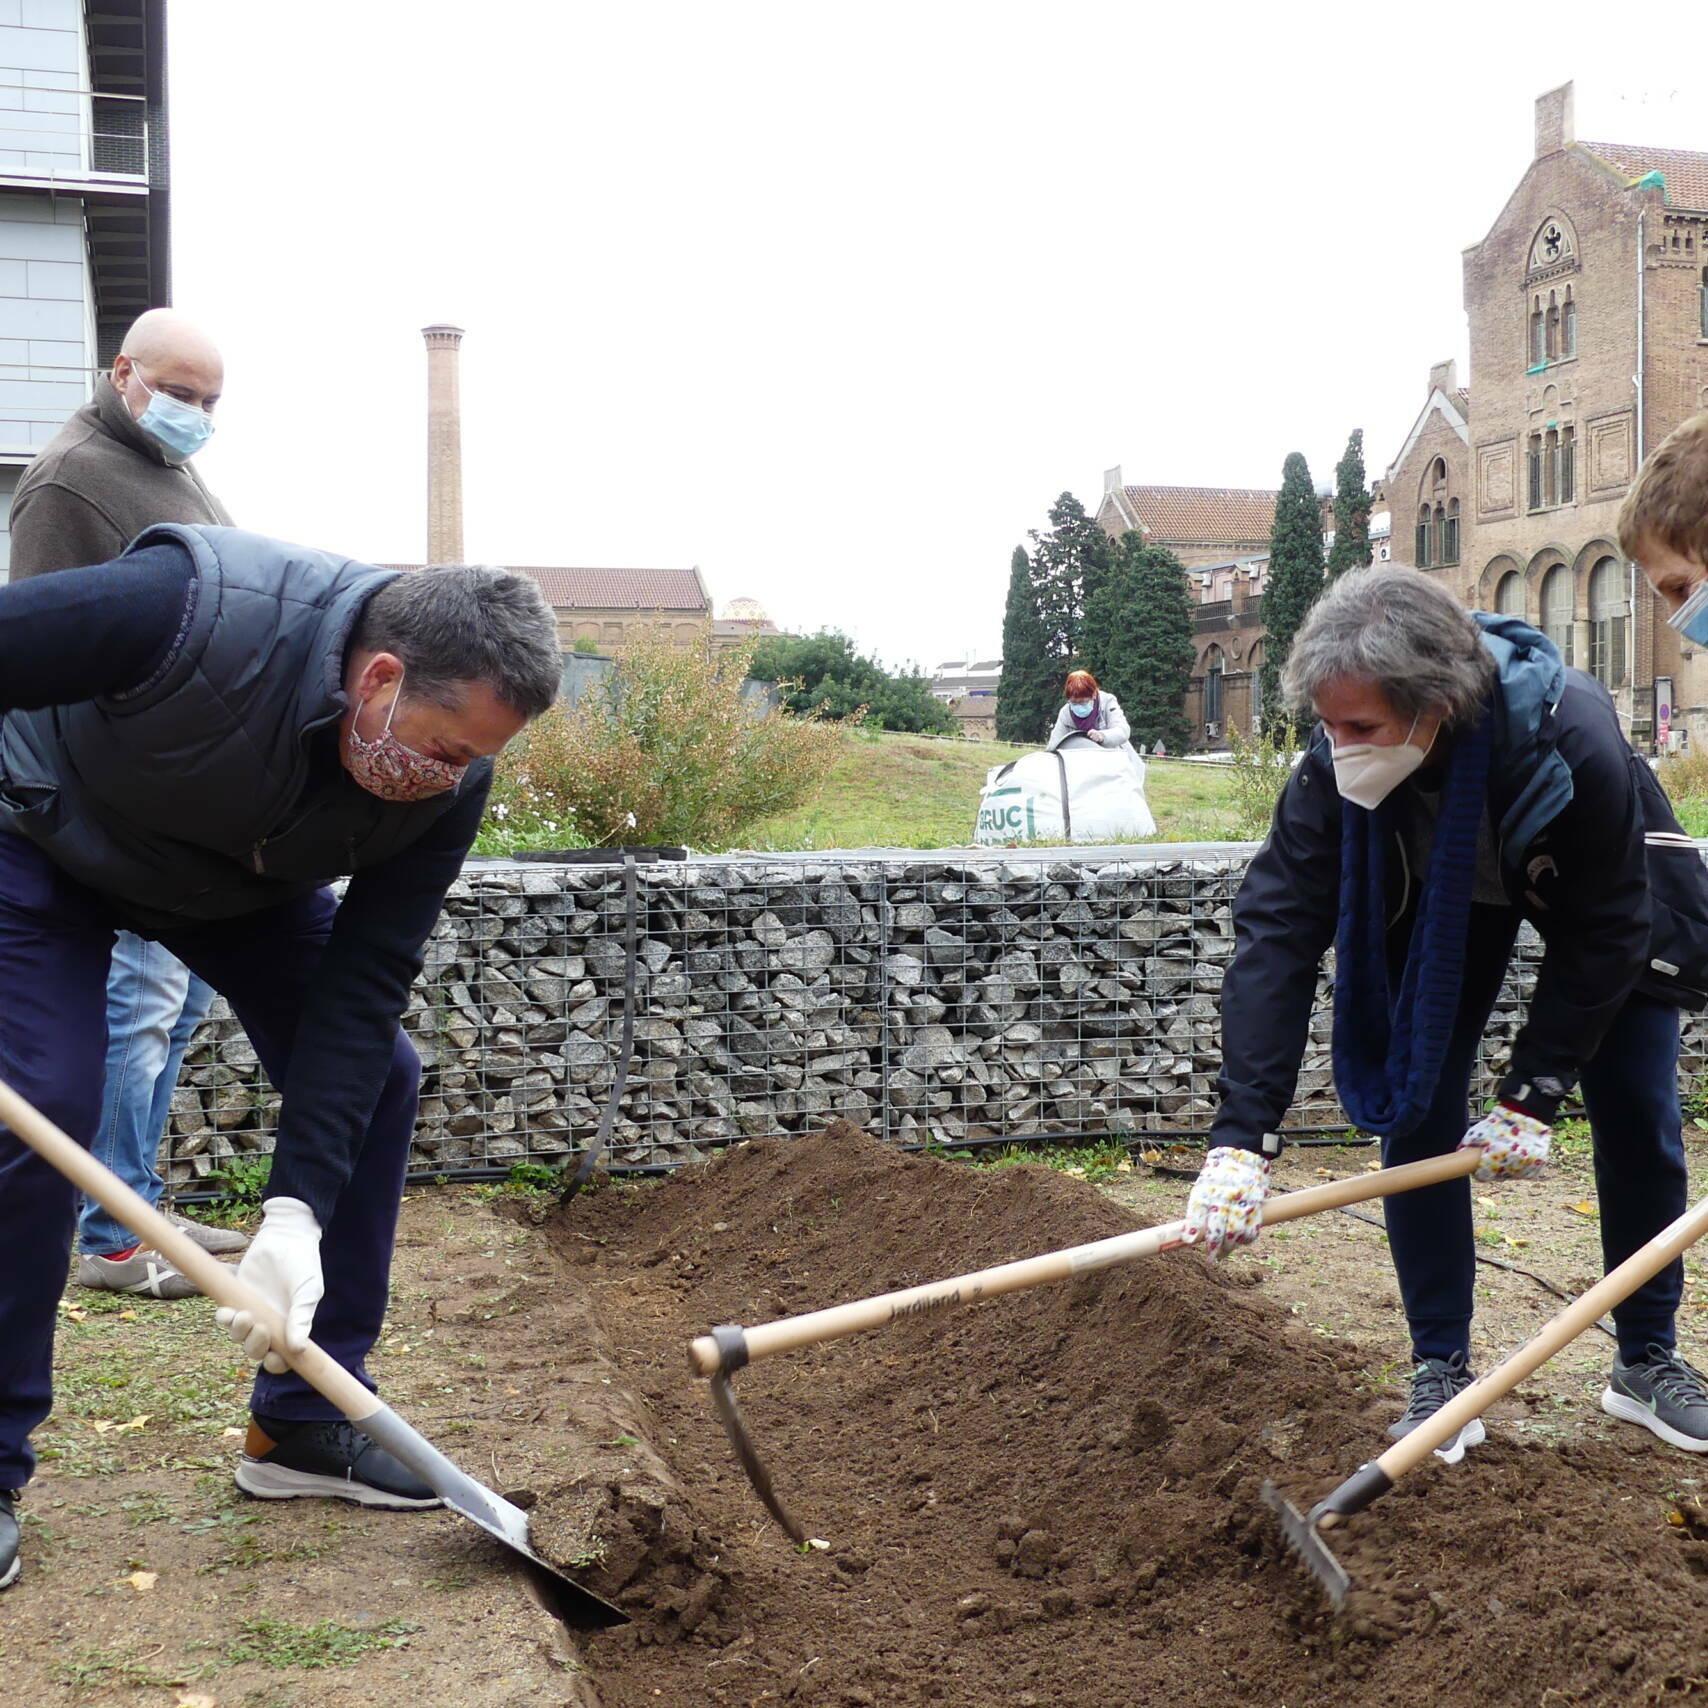 Horticultura Social a Kālida Sant Pau